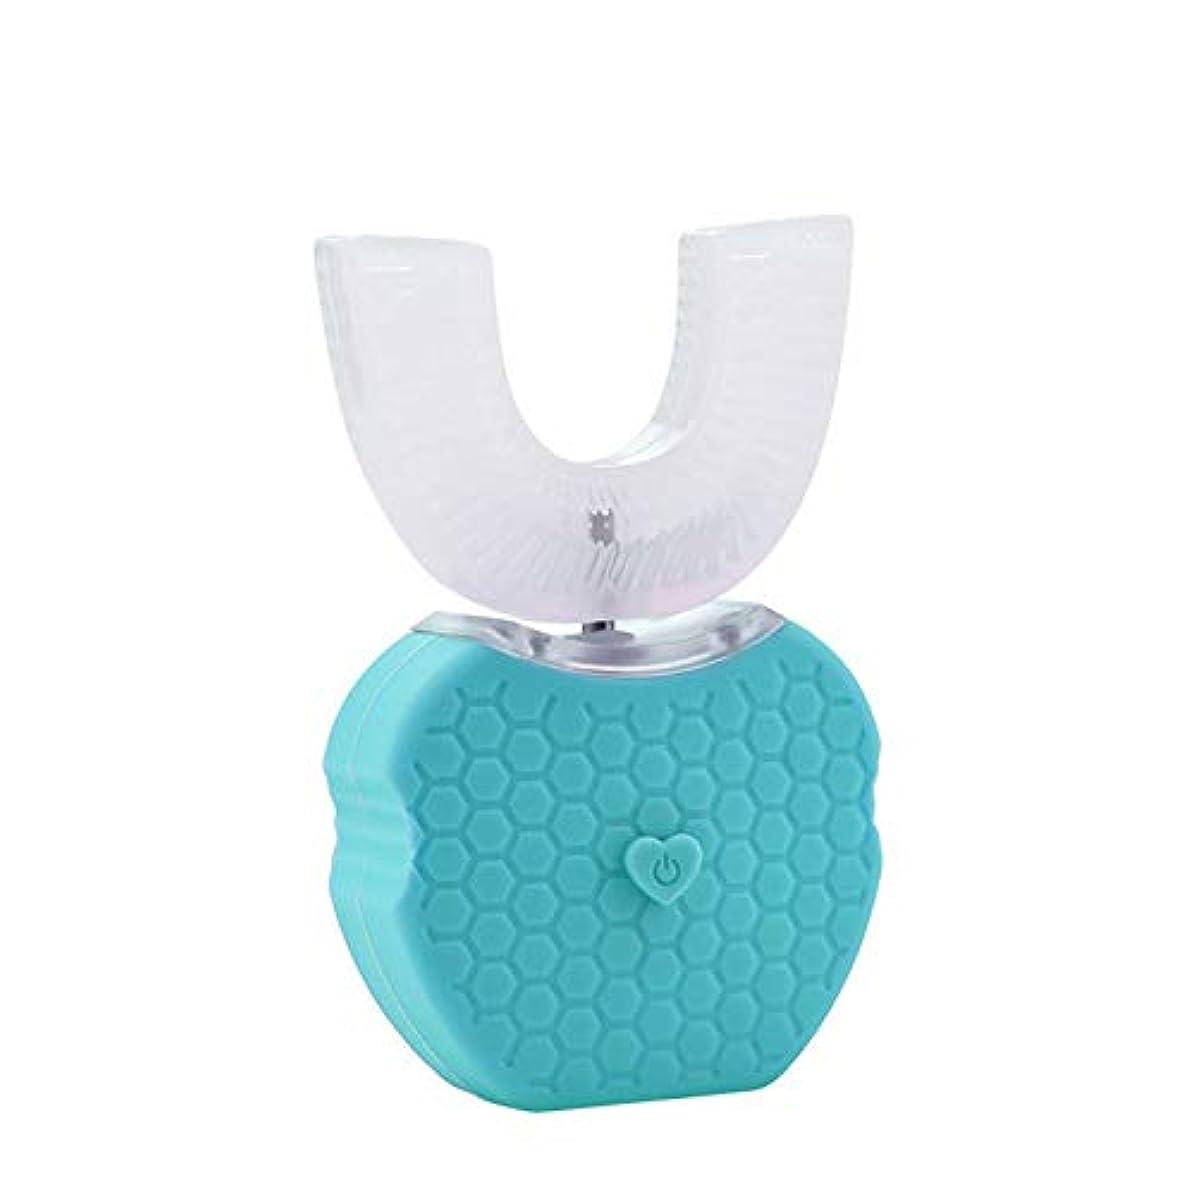 若者一定カウンタフルオートマチック可変周波数電動歯ブラシ、自動360度U字型電動歯ブラシ、ワイヤレス充電IPX7防水自動歯ブラシ(大人用),Blue